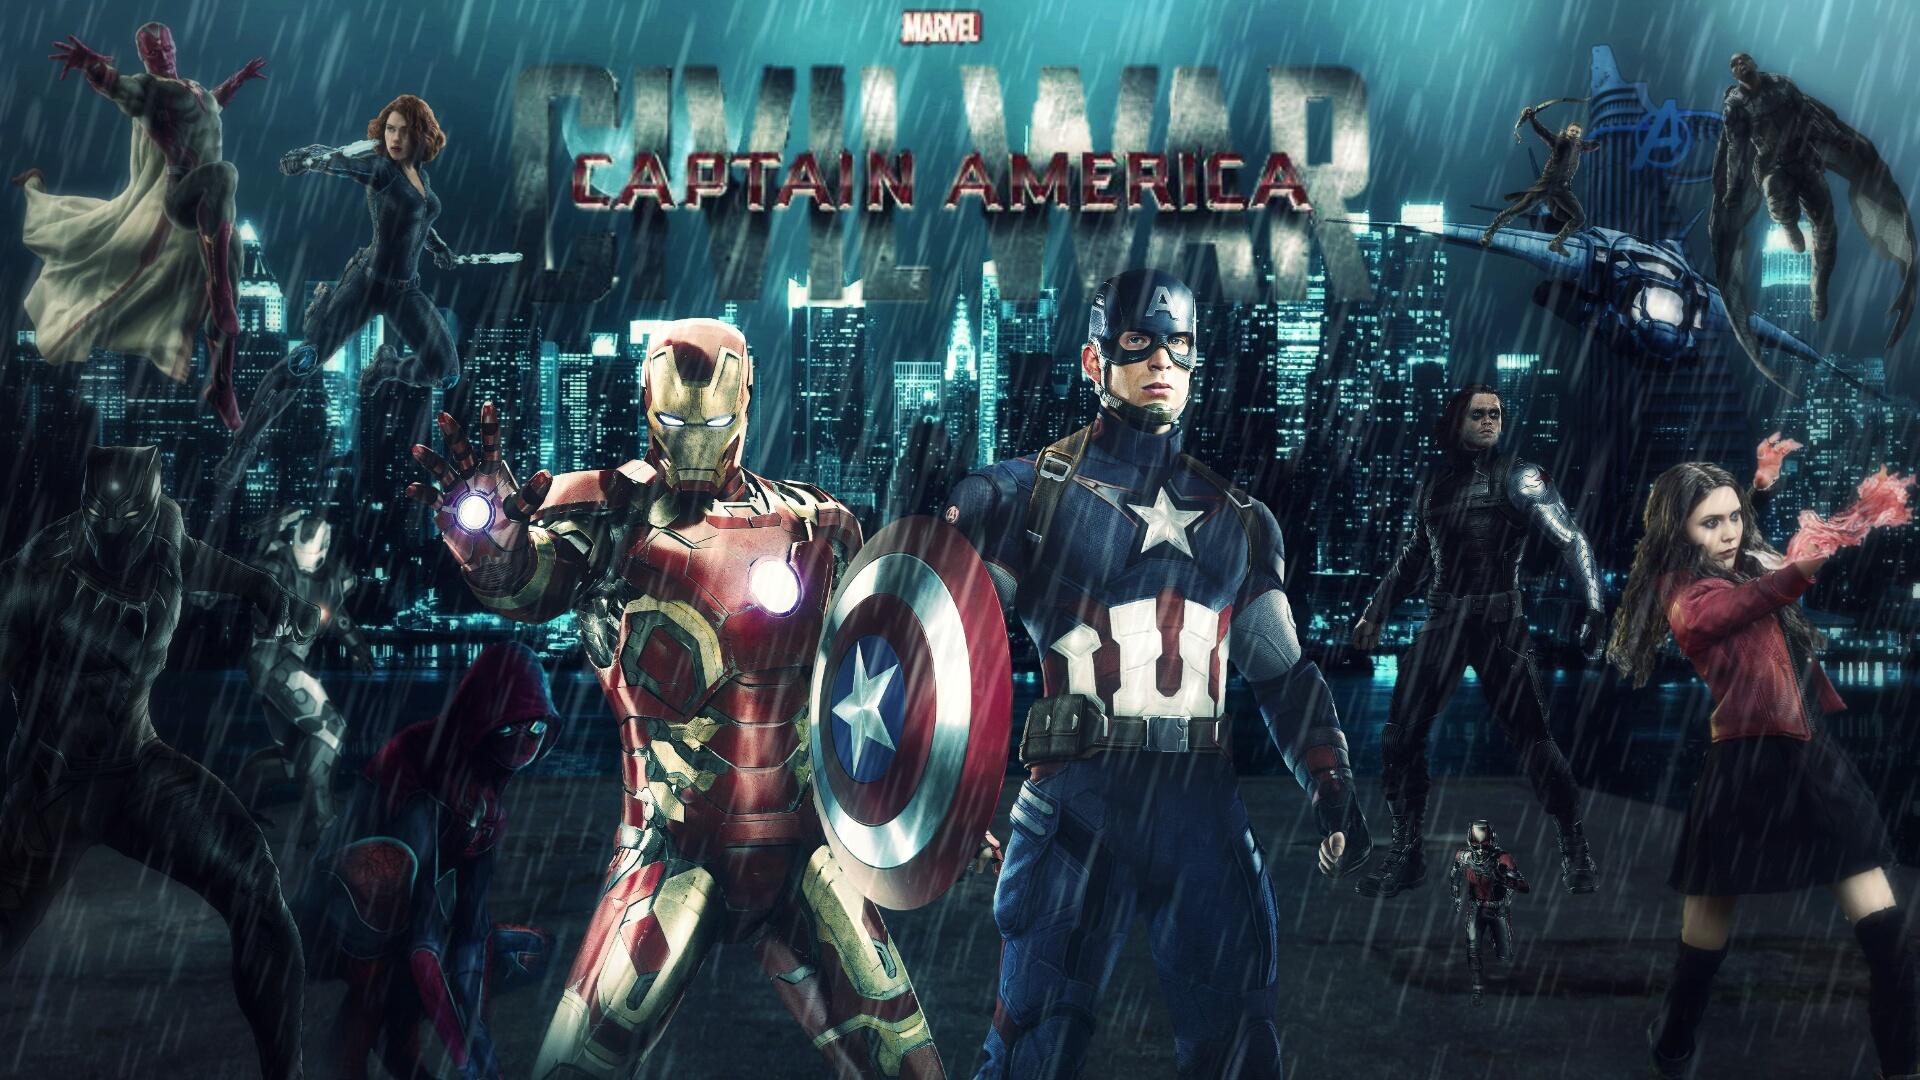 Captain America Civil War Wallpapers Hd: Captain America Civil War HD Wallpaper By